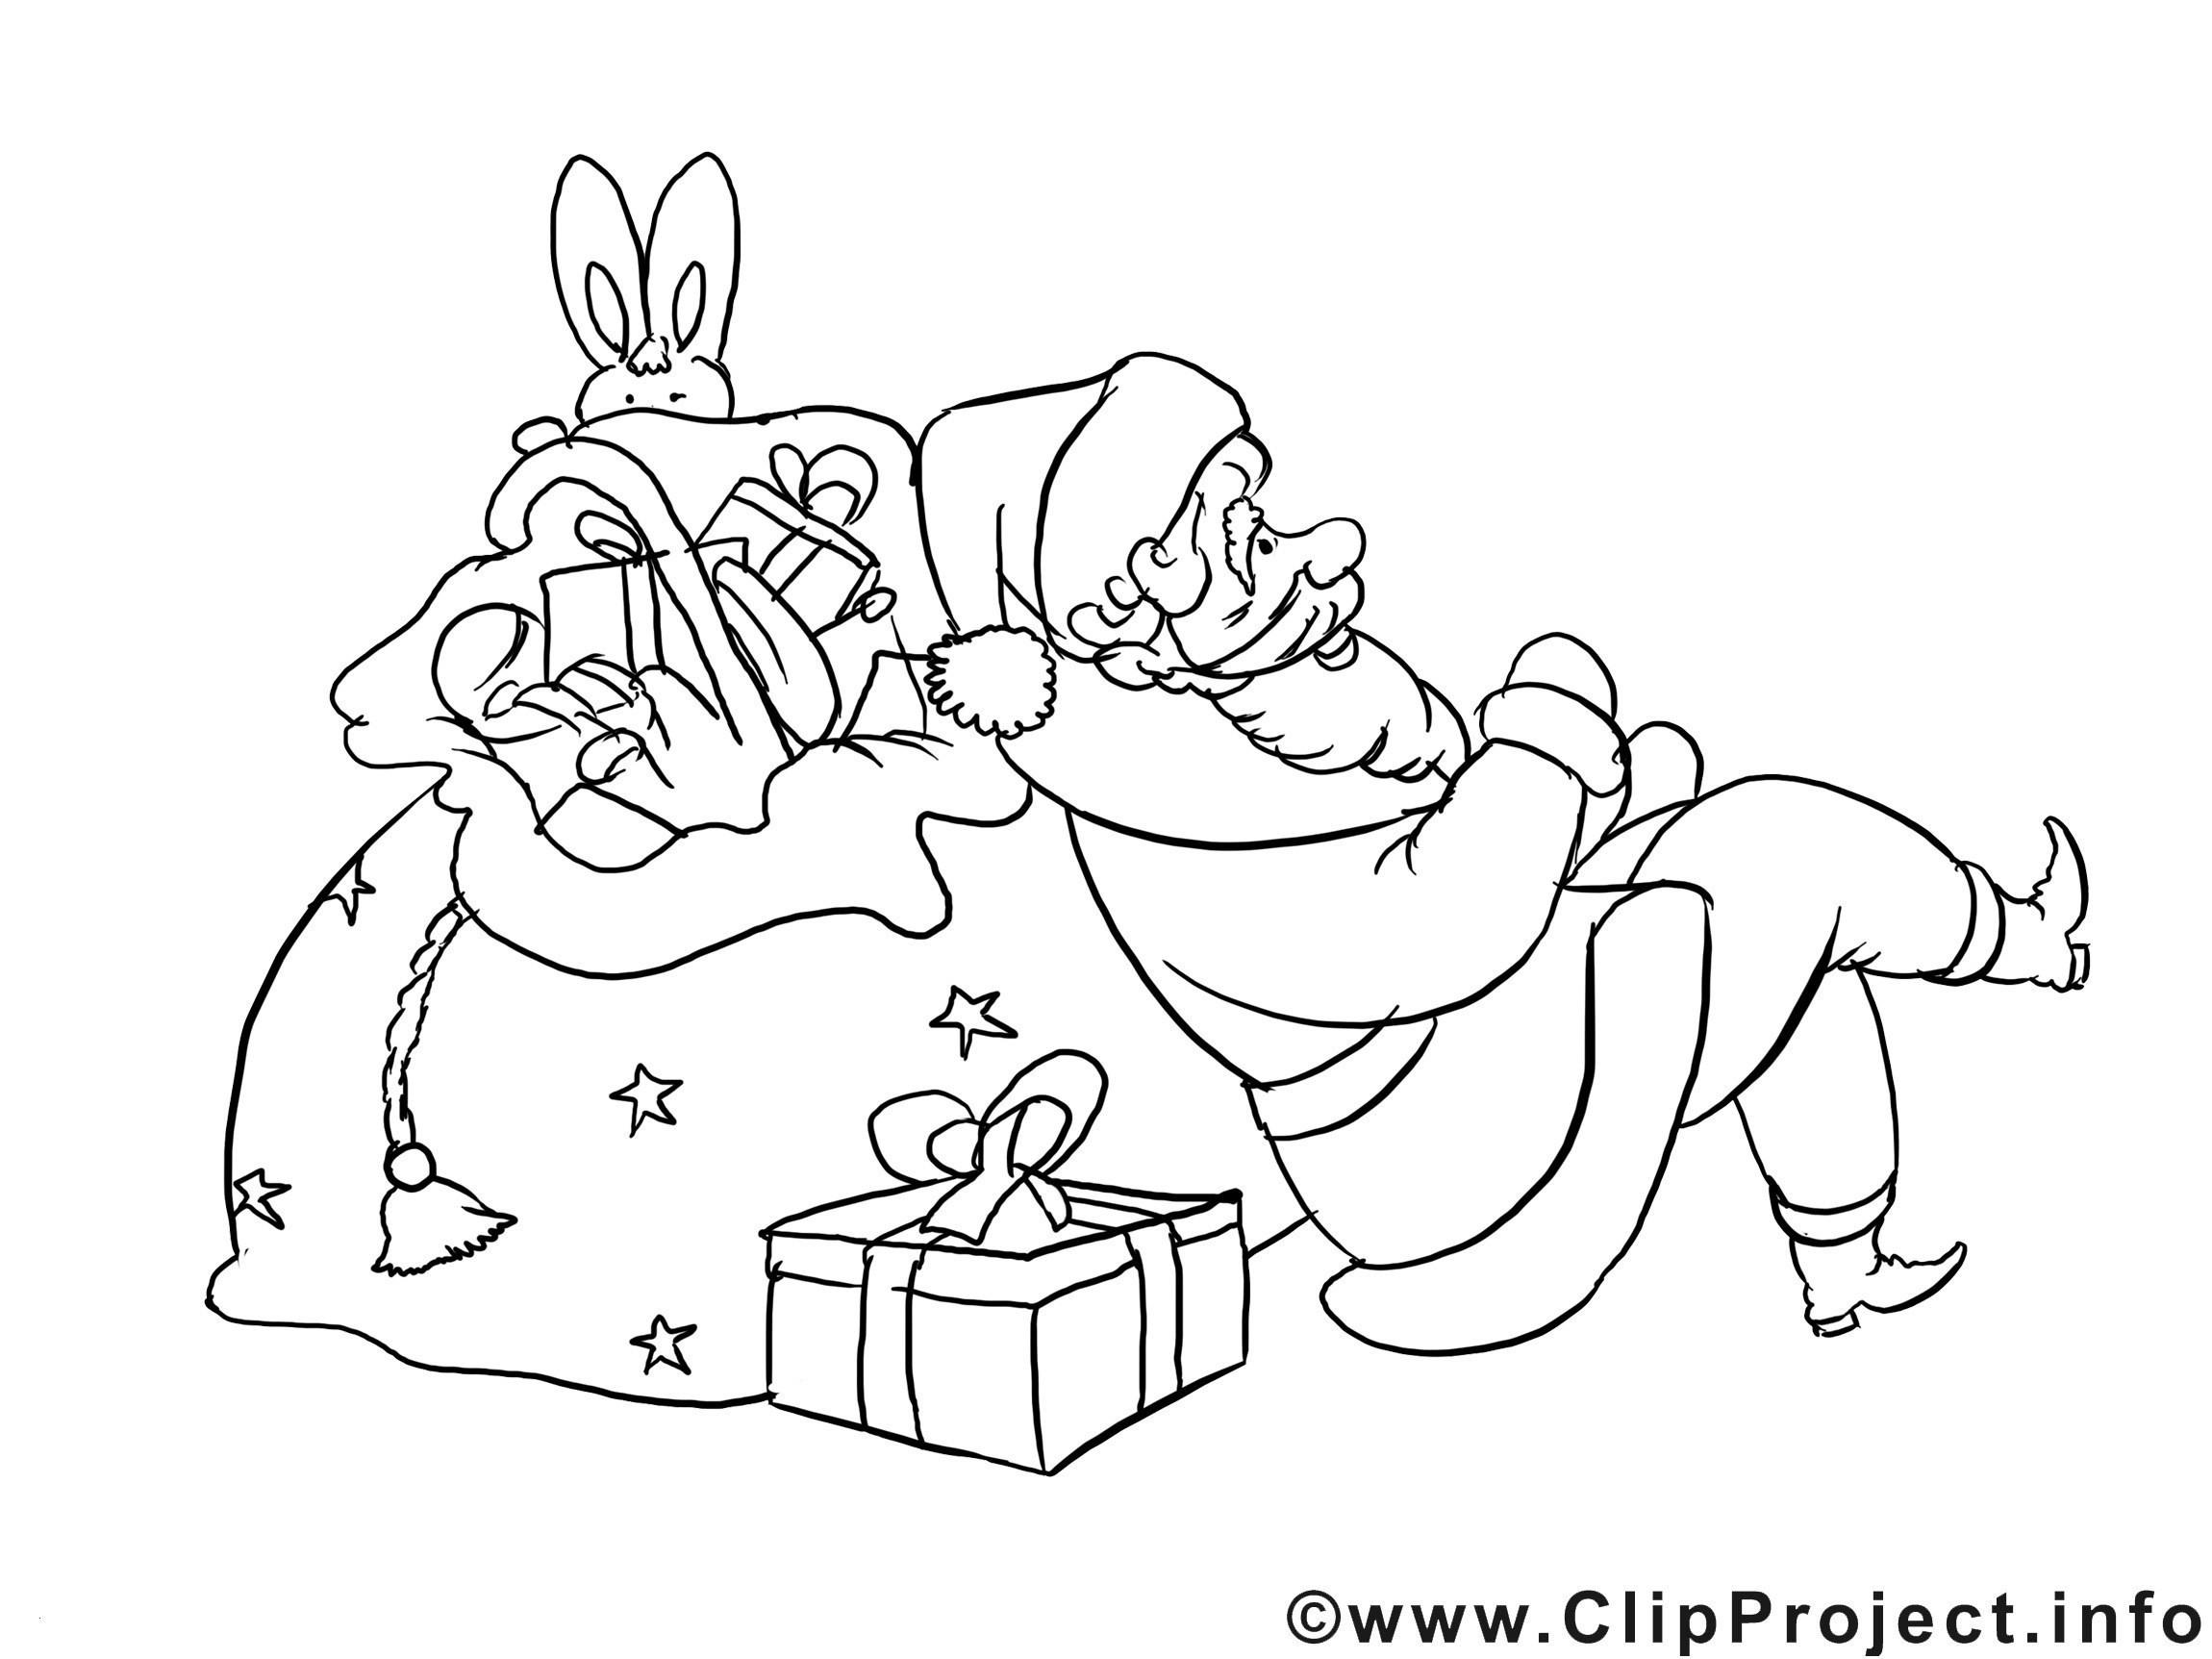 Ausmalbilder Weihnachten Merry Christmas Genial Disney Malvorlagen Bild Crossradio Sammlung